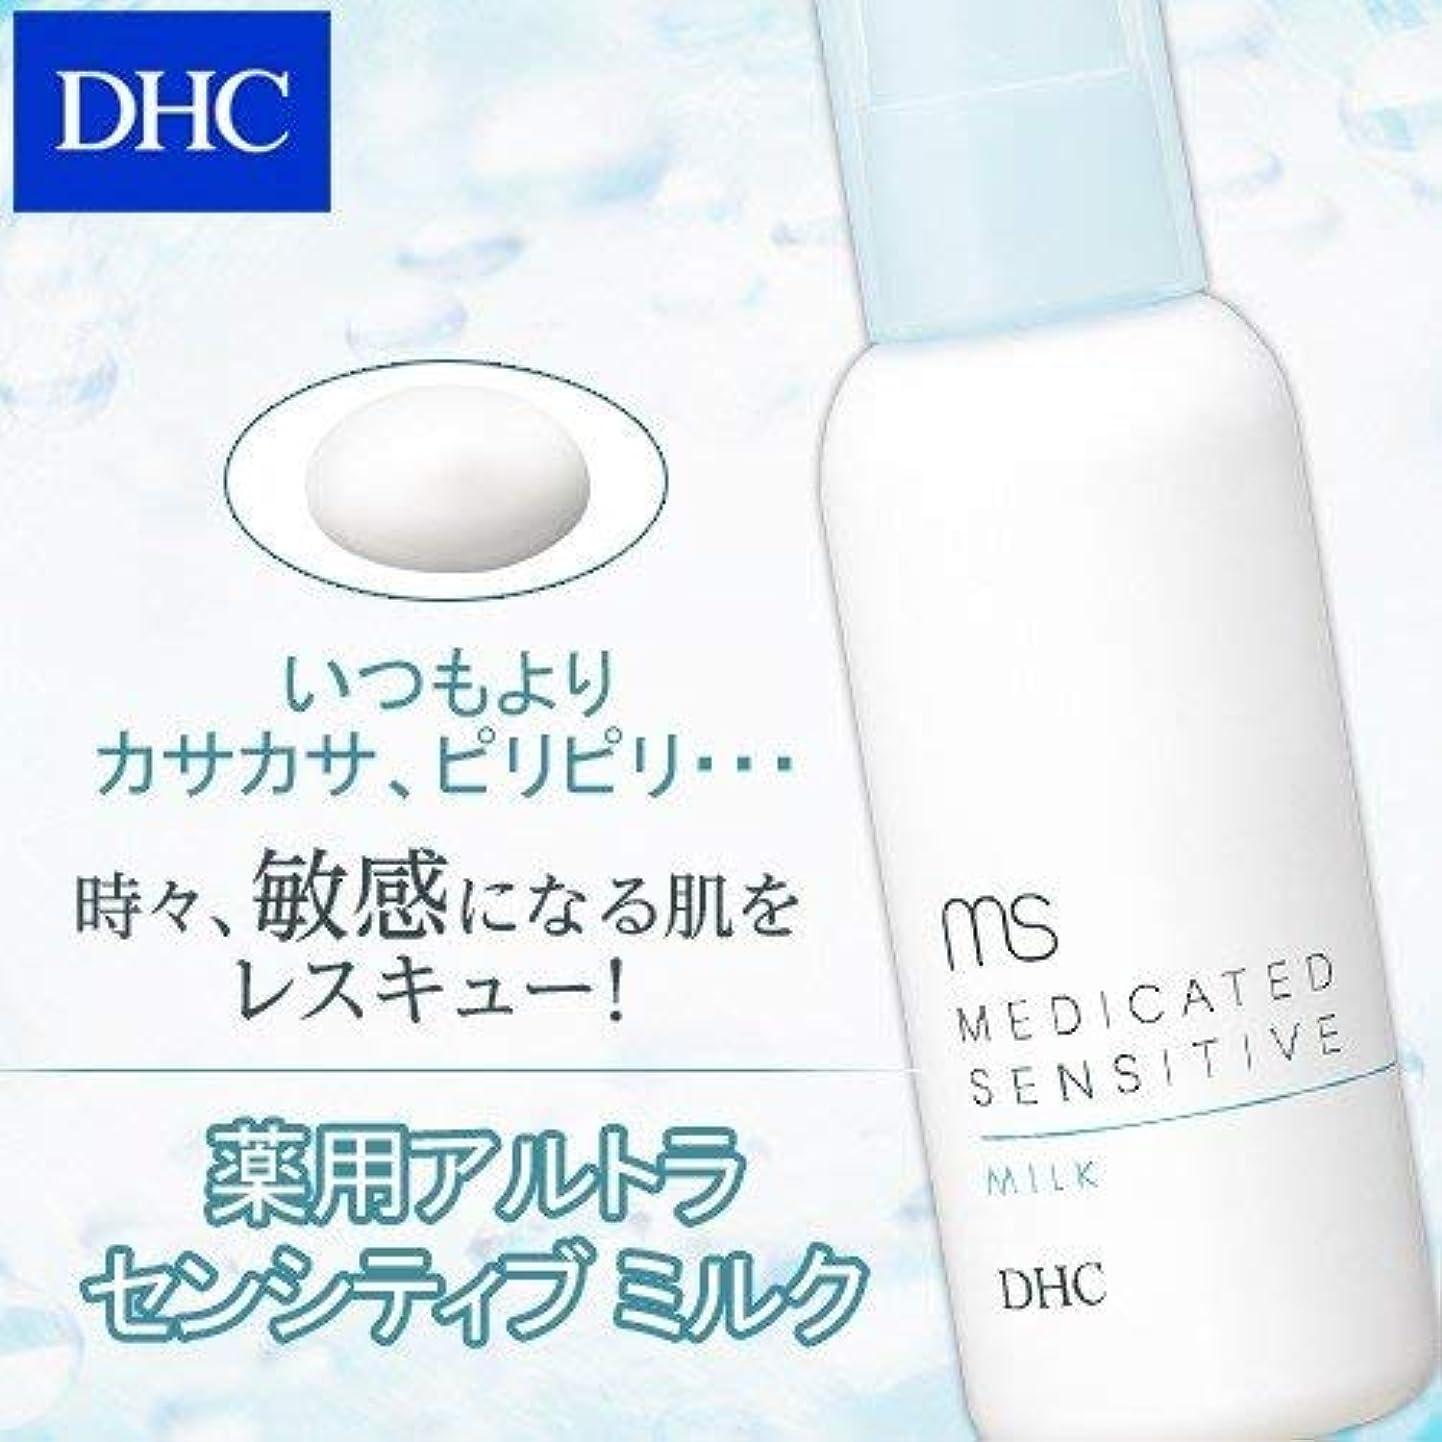 器用知っているに立ち寄るクライマックスDHC薬用アルトラセンシティブ ミルク